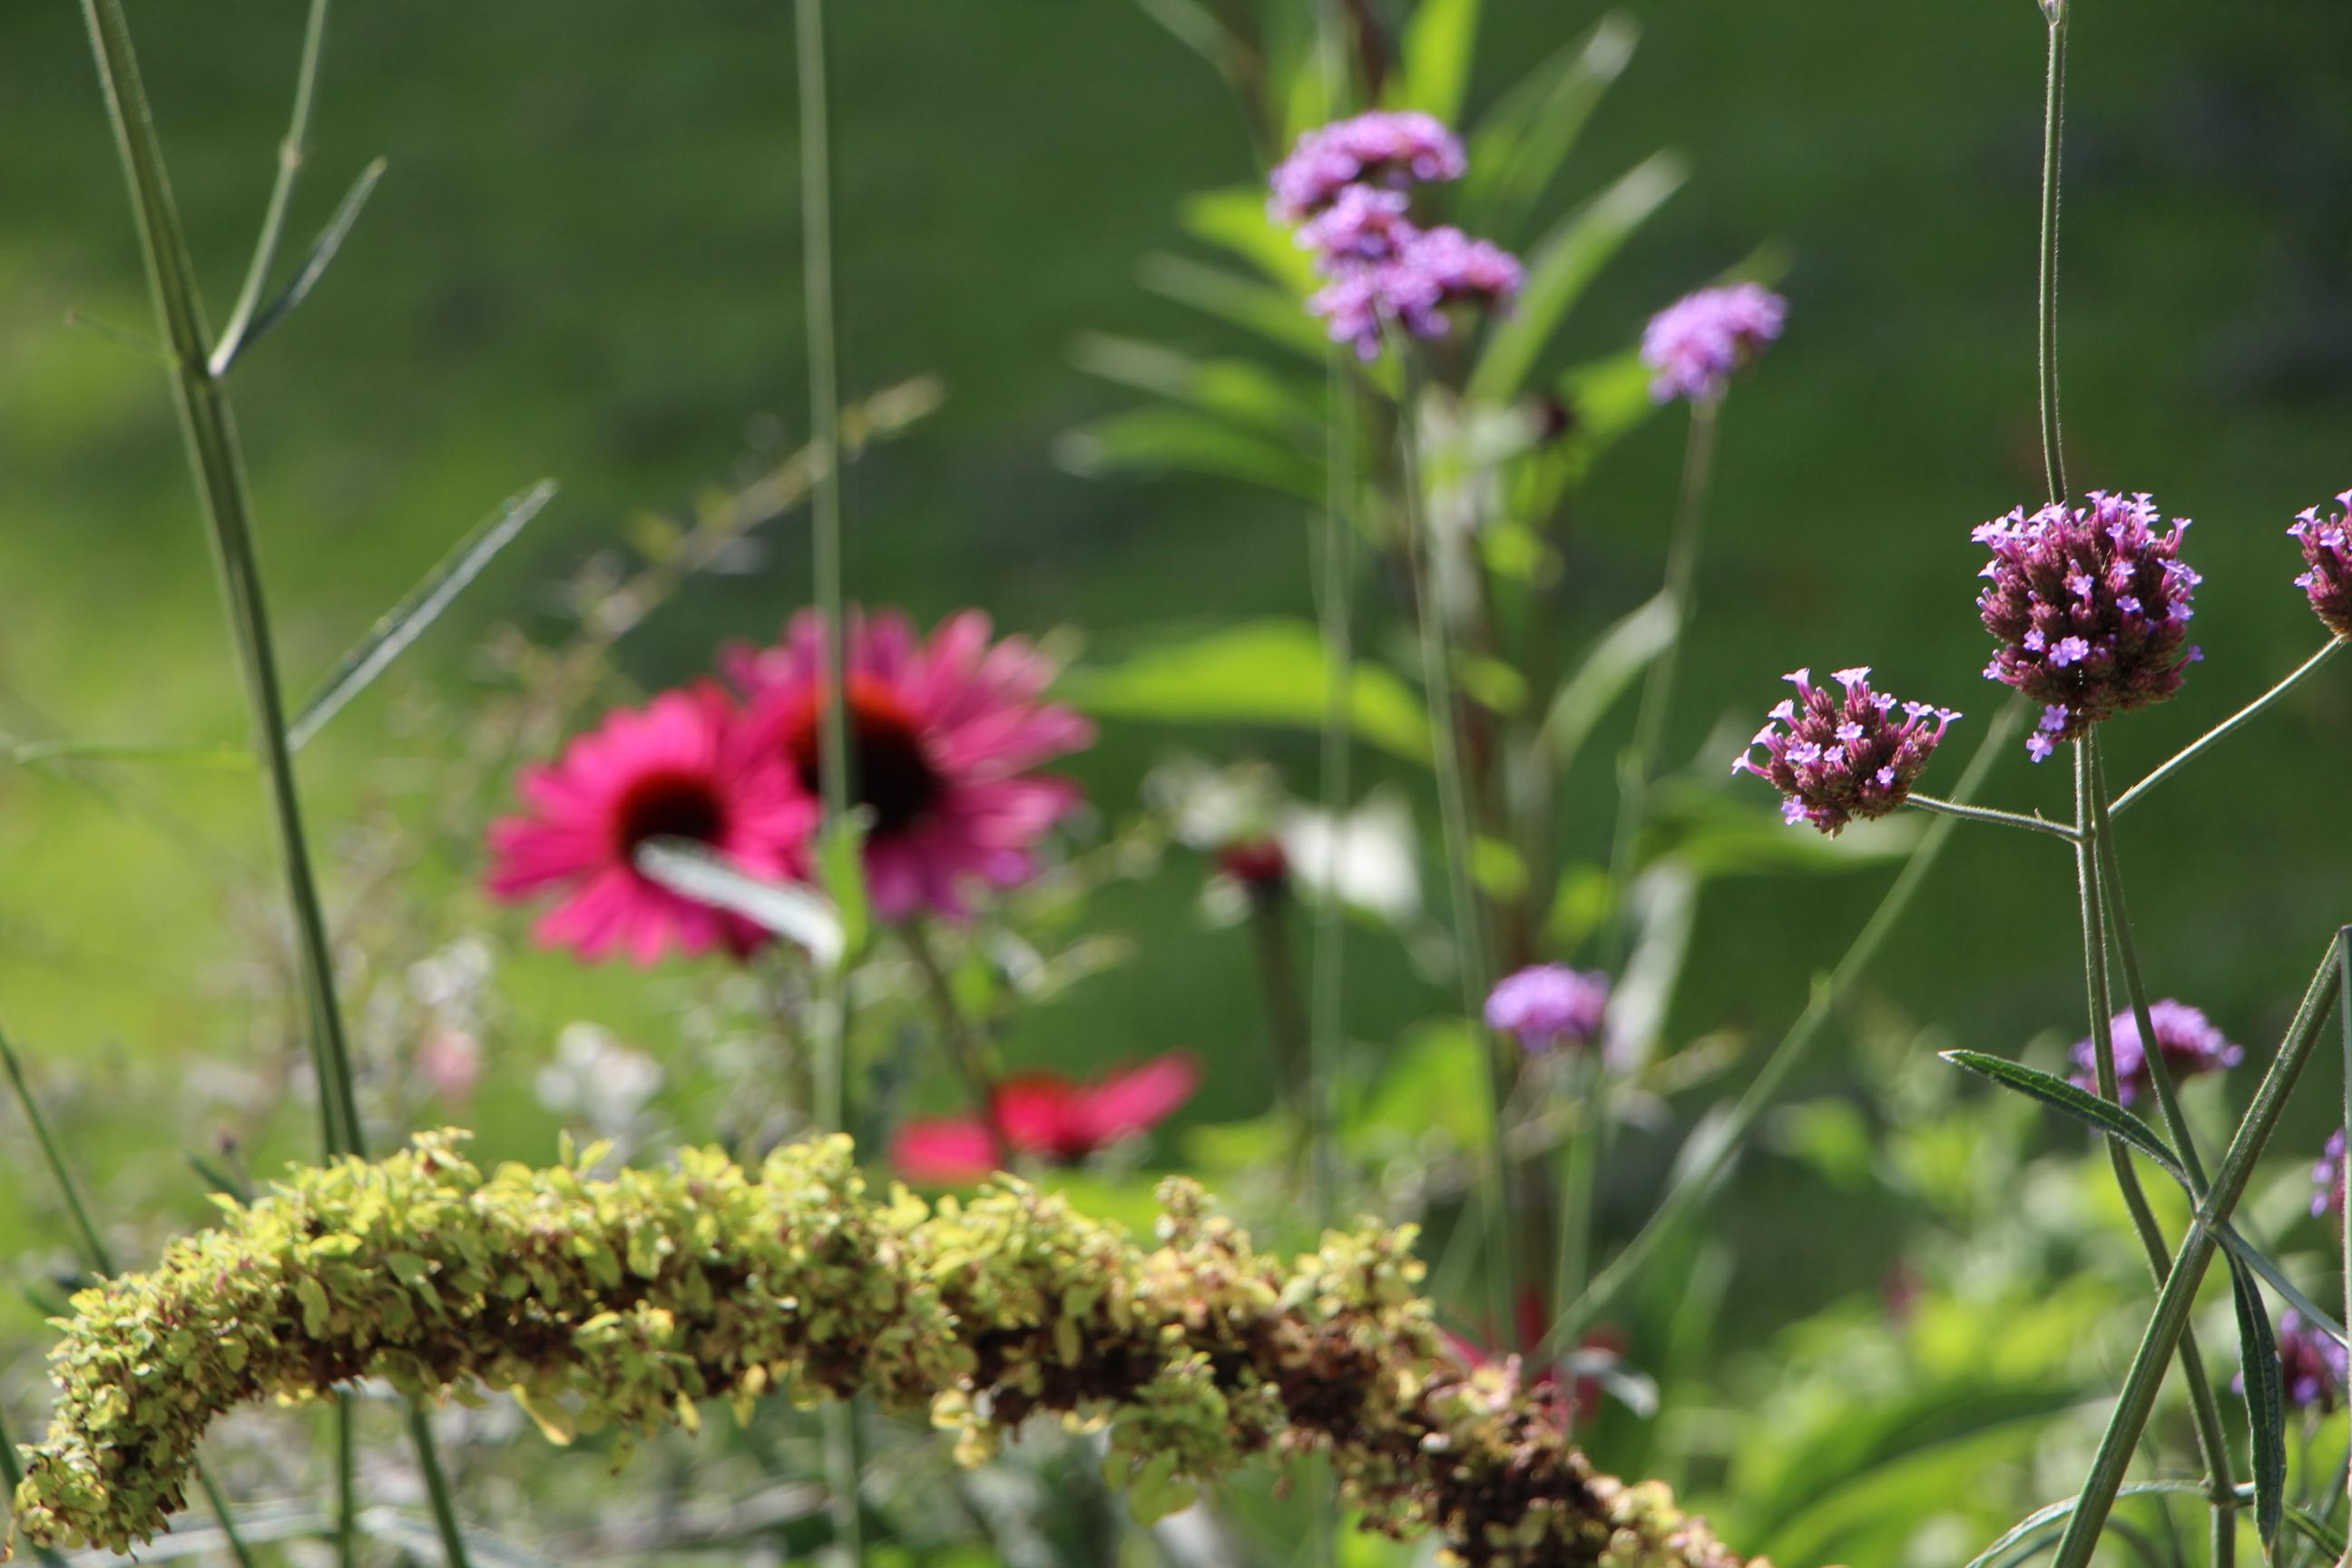 1612411680-luisenpark-sommer-herbst-winter-fruehling-saison-blumen-pflanzen- garten-haus-deko-jahreszeit-mannhei, Gartengerate ideen